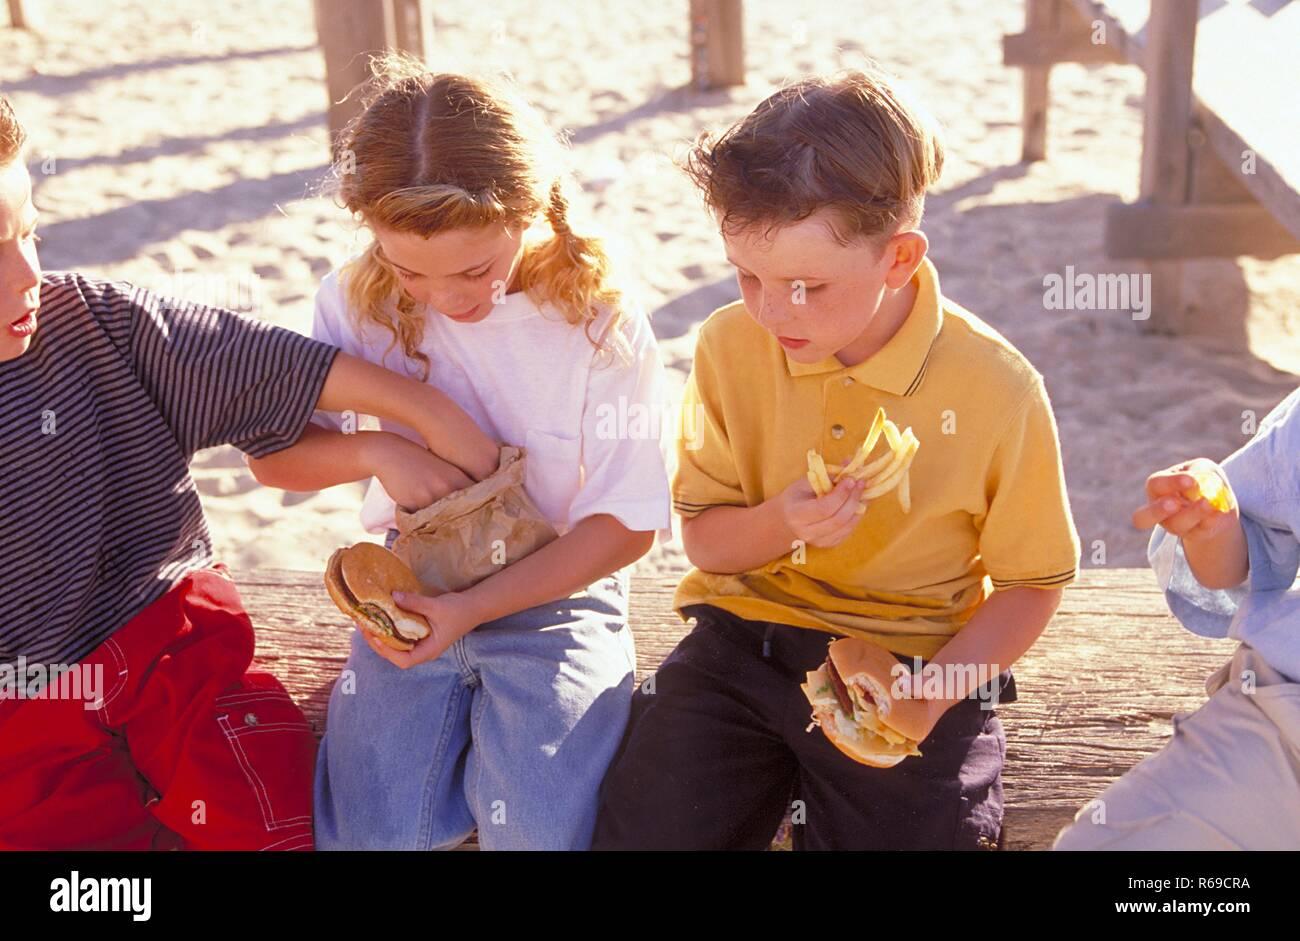 Artikel Von Klettergerüst : Gruppe 3 jungen und 1 maedchen im alter von 6 8 jahren artikel in